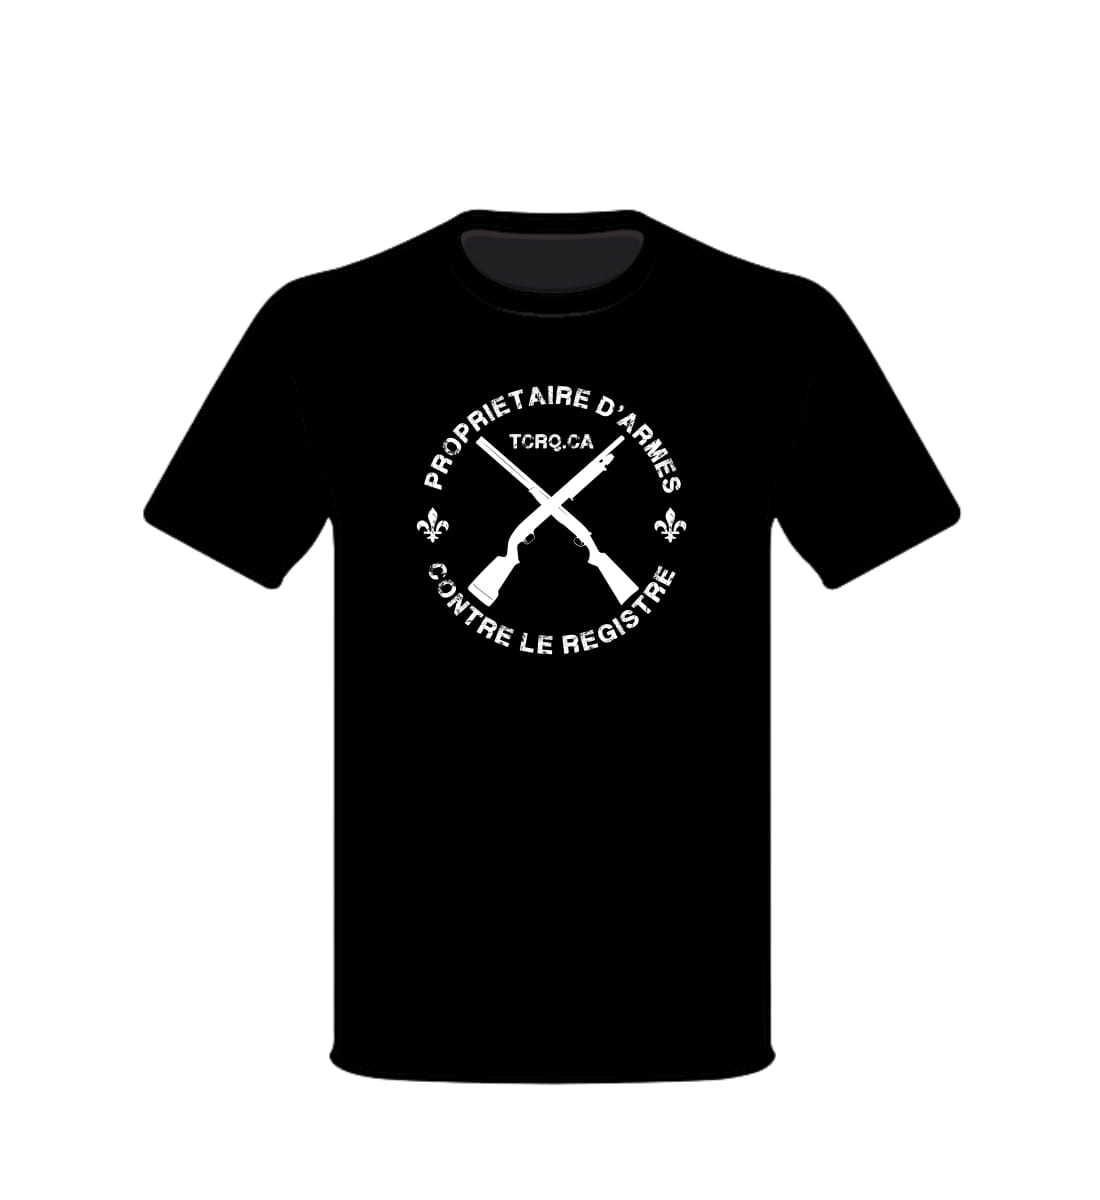 T-Shirt TCRQ